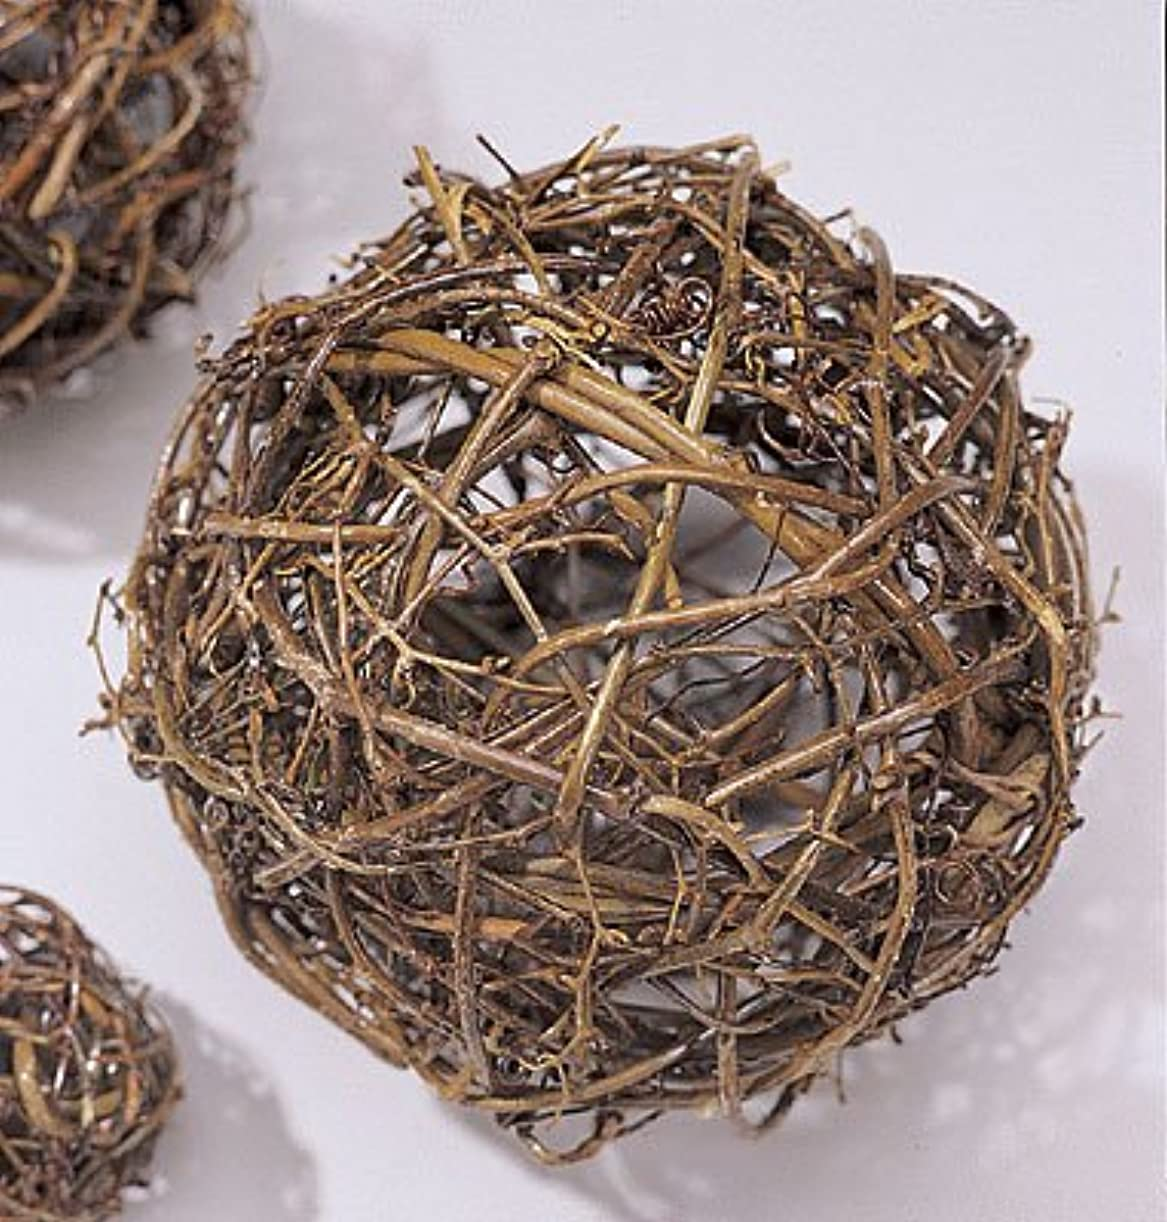 回想ゲート成り立つ自然Grapevineトピアリーボール6、8、10、12、16、18、24、30、36インチサイズワイヤフレーム Single 30 inch ball